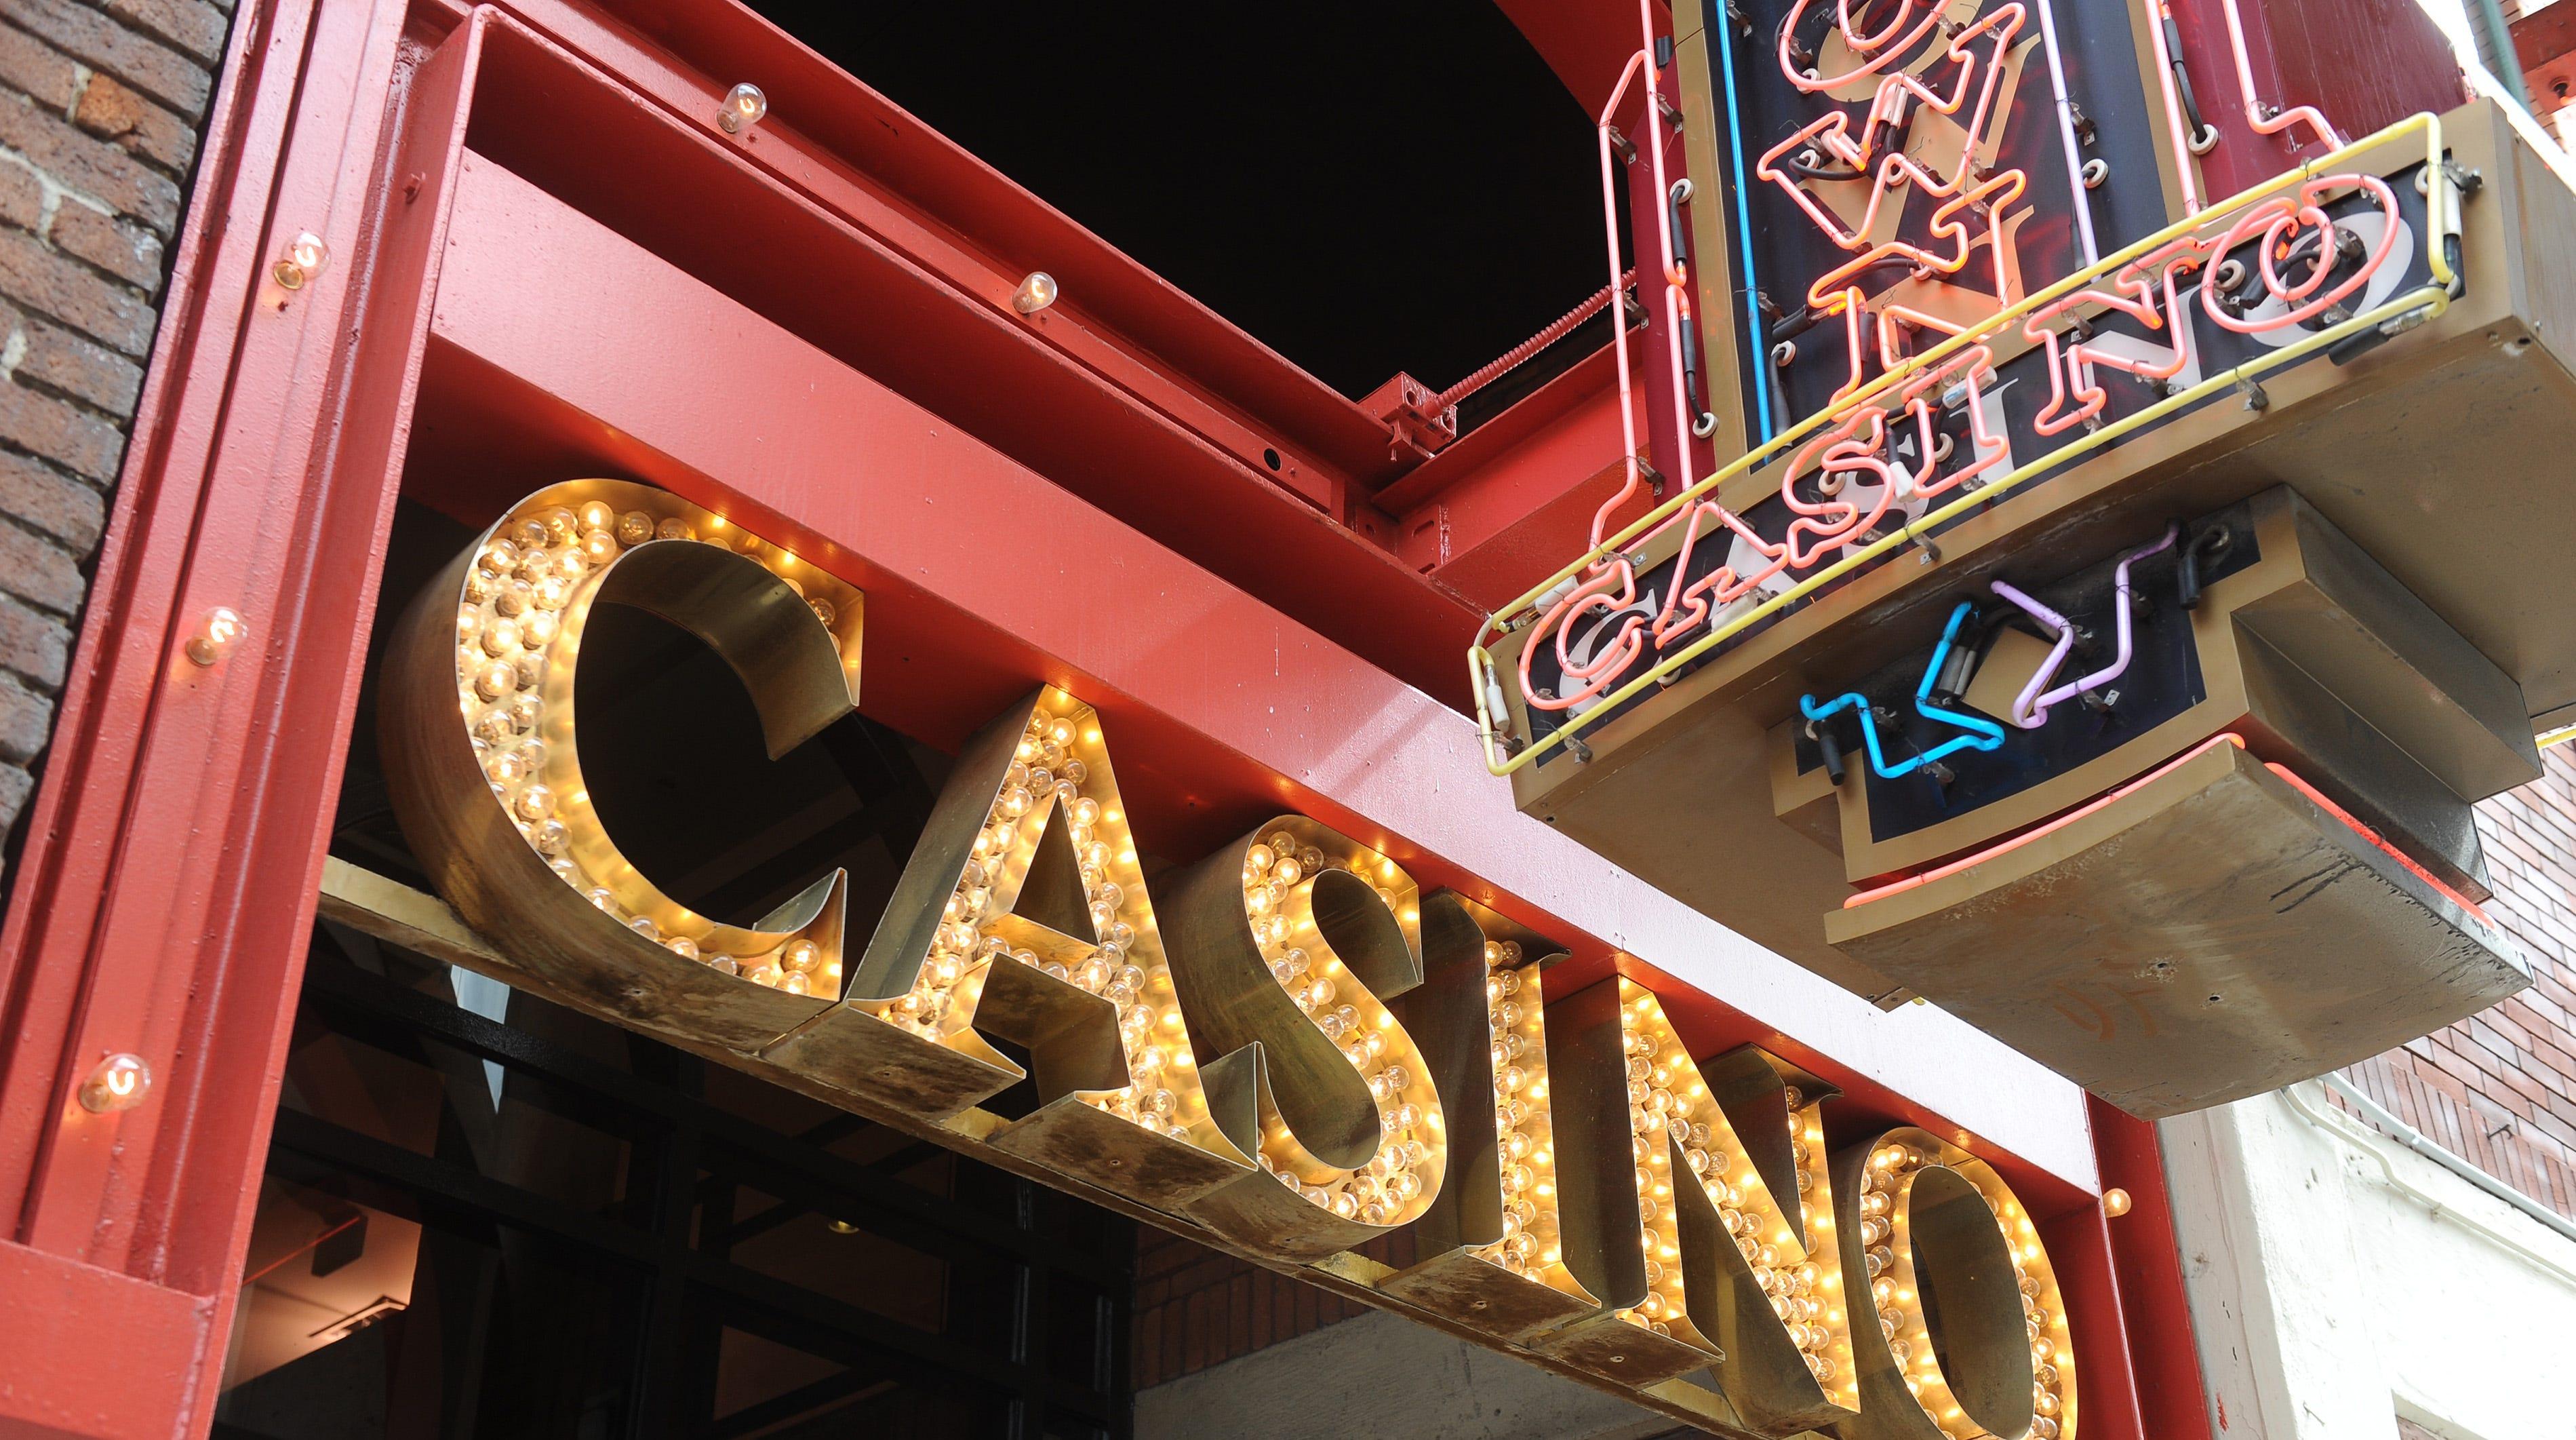 92dfb13c-e2e2-49bc-b806-267932bdd415-greektown_casino_marquee